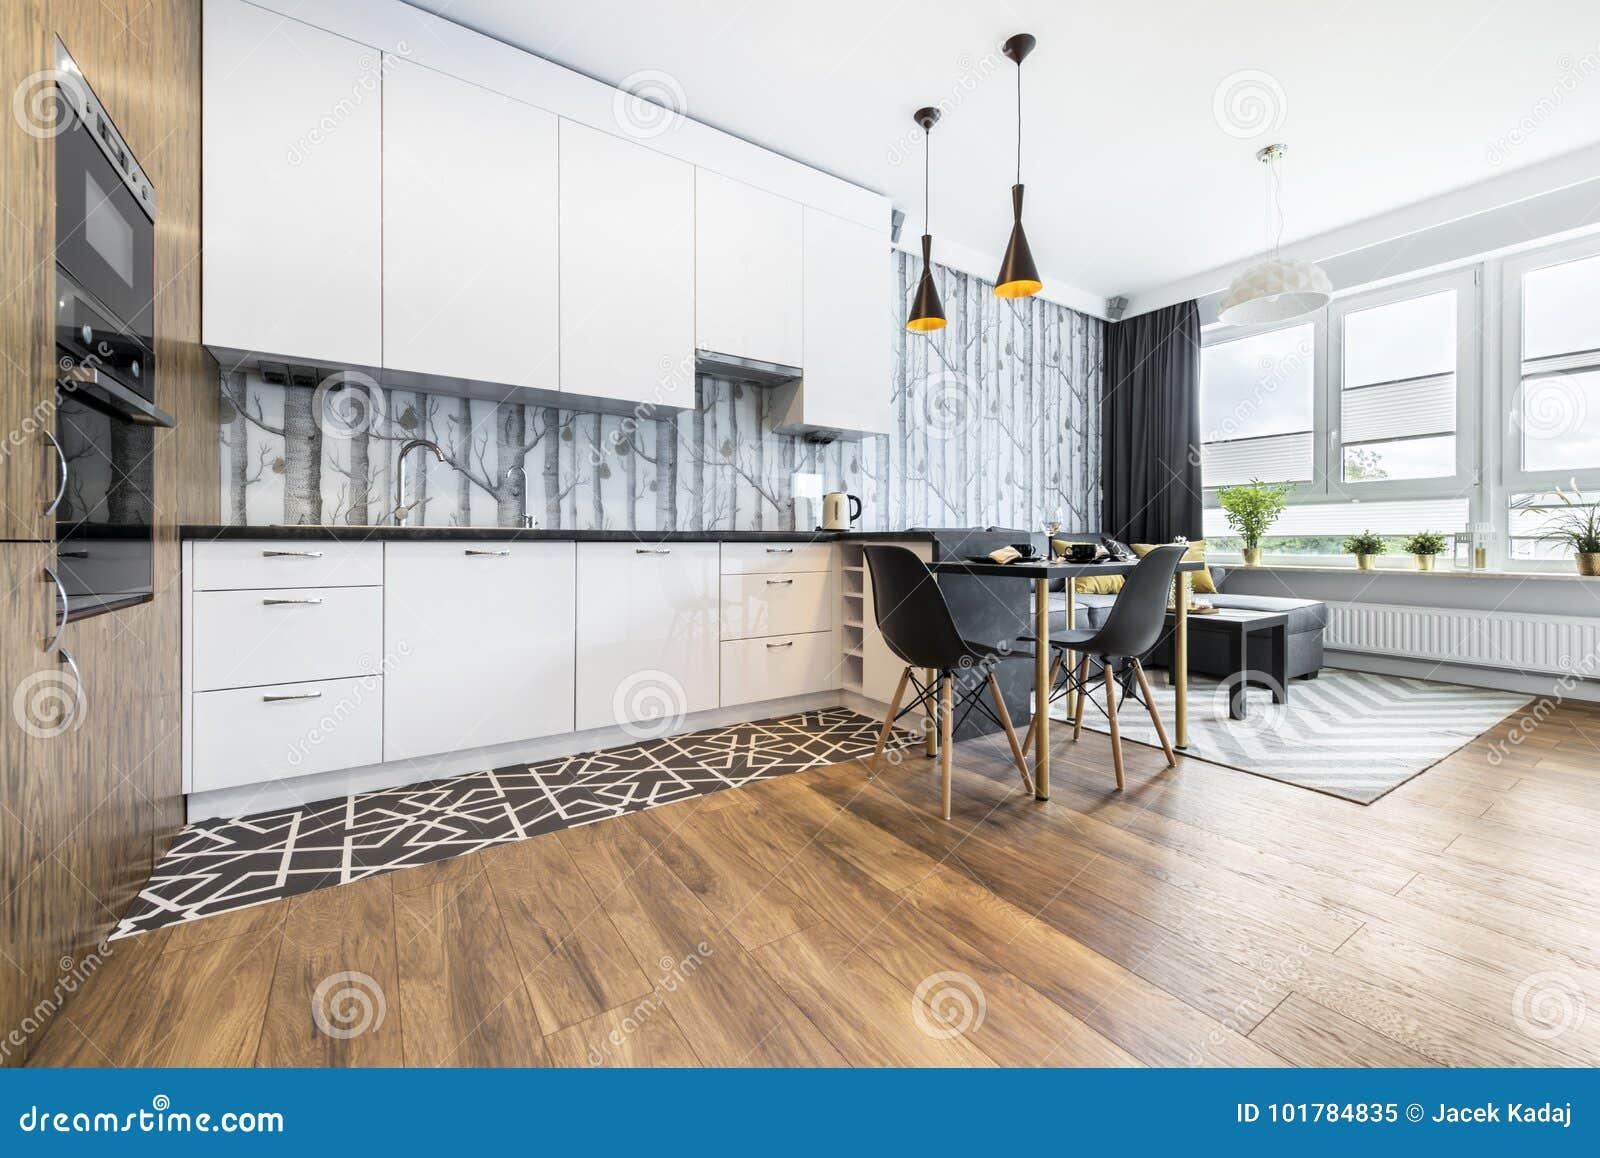 Keuken Kleine Ruimte : Keuken kast ruimte in beste pics van kleine keuken inrichten